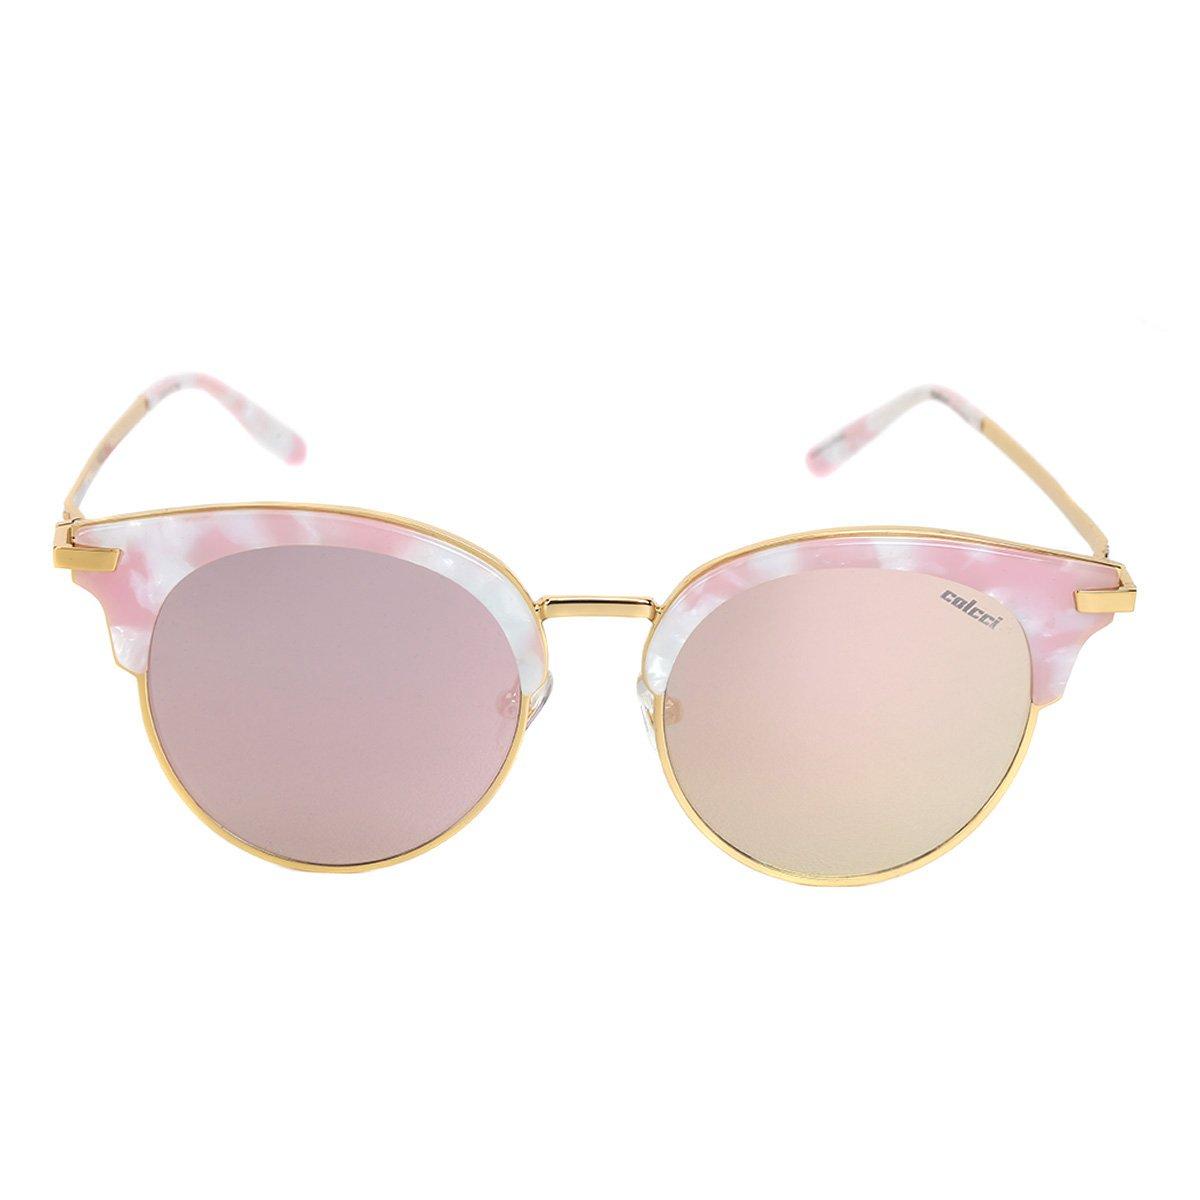 Foto 2 - Óculos de Sol Colcci Gatinho Brilho Feminino 887e7be304